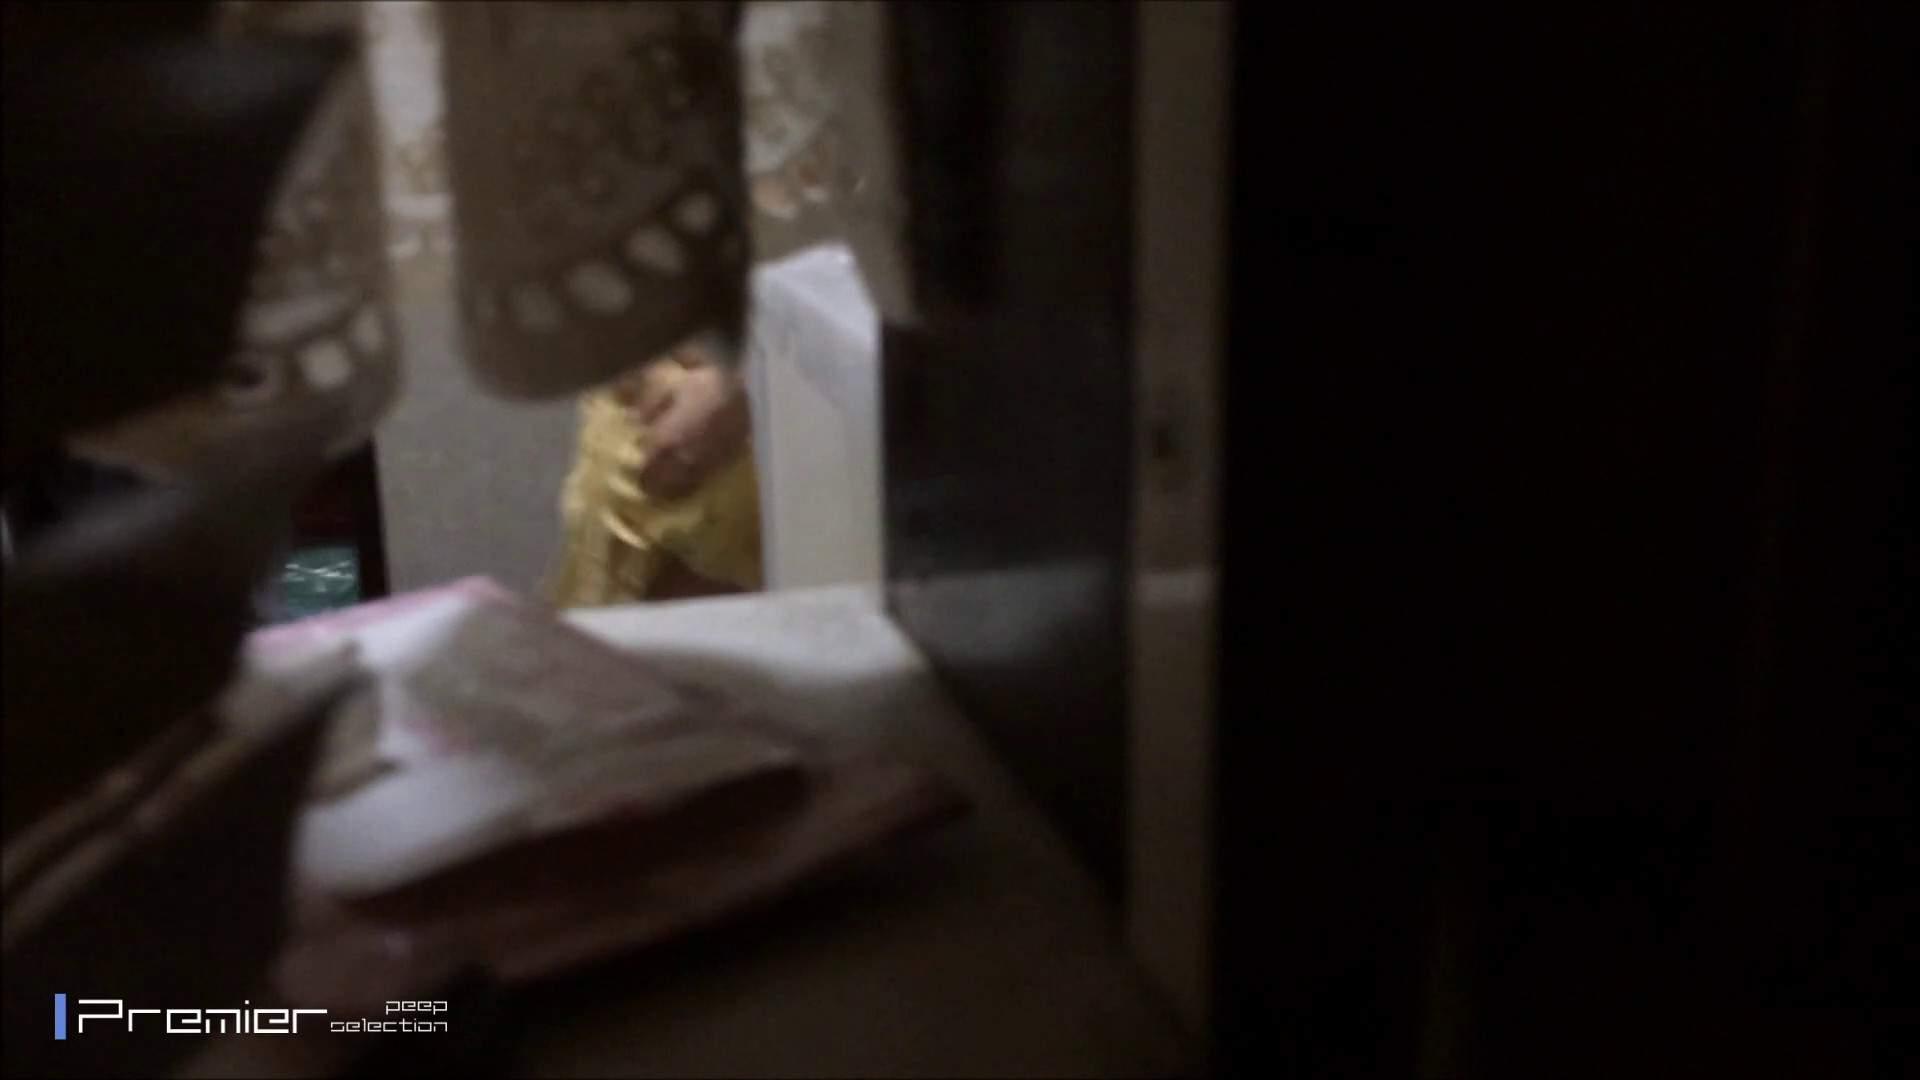 高画質フルハイビジョン スレンダー美女の入浴 乙女の風呂場 Vol.04 OLハメ撮り  94Pix 20